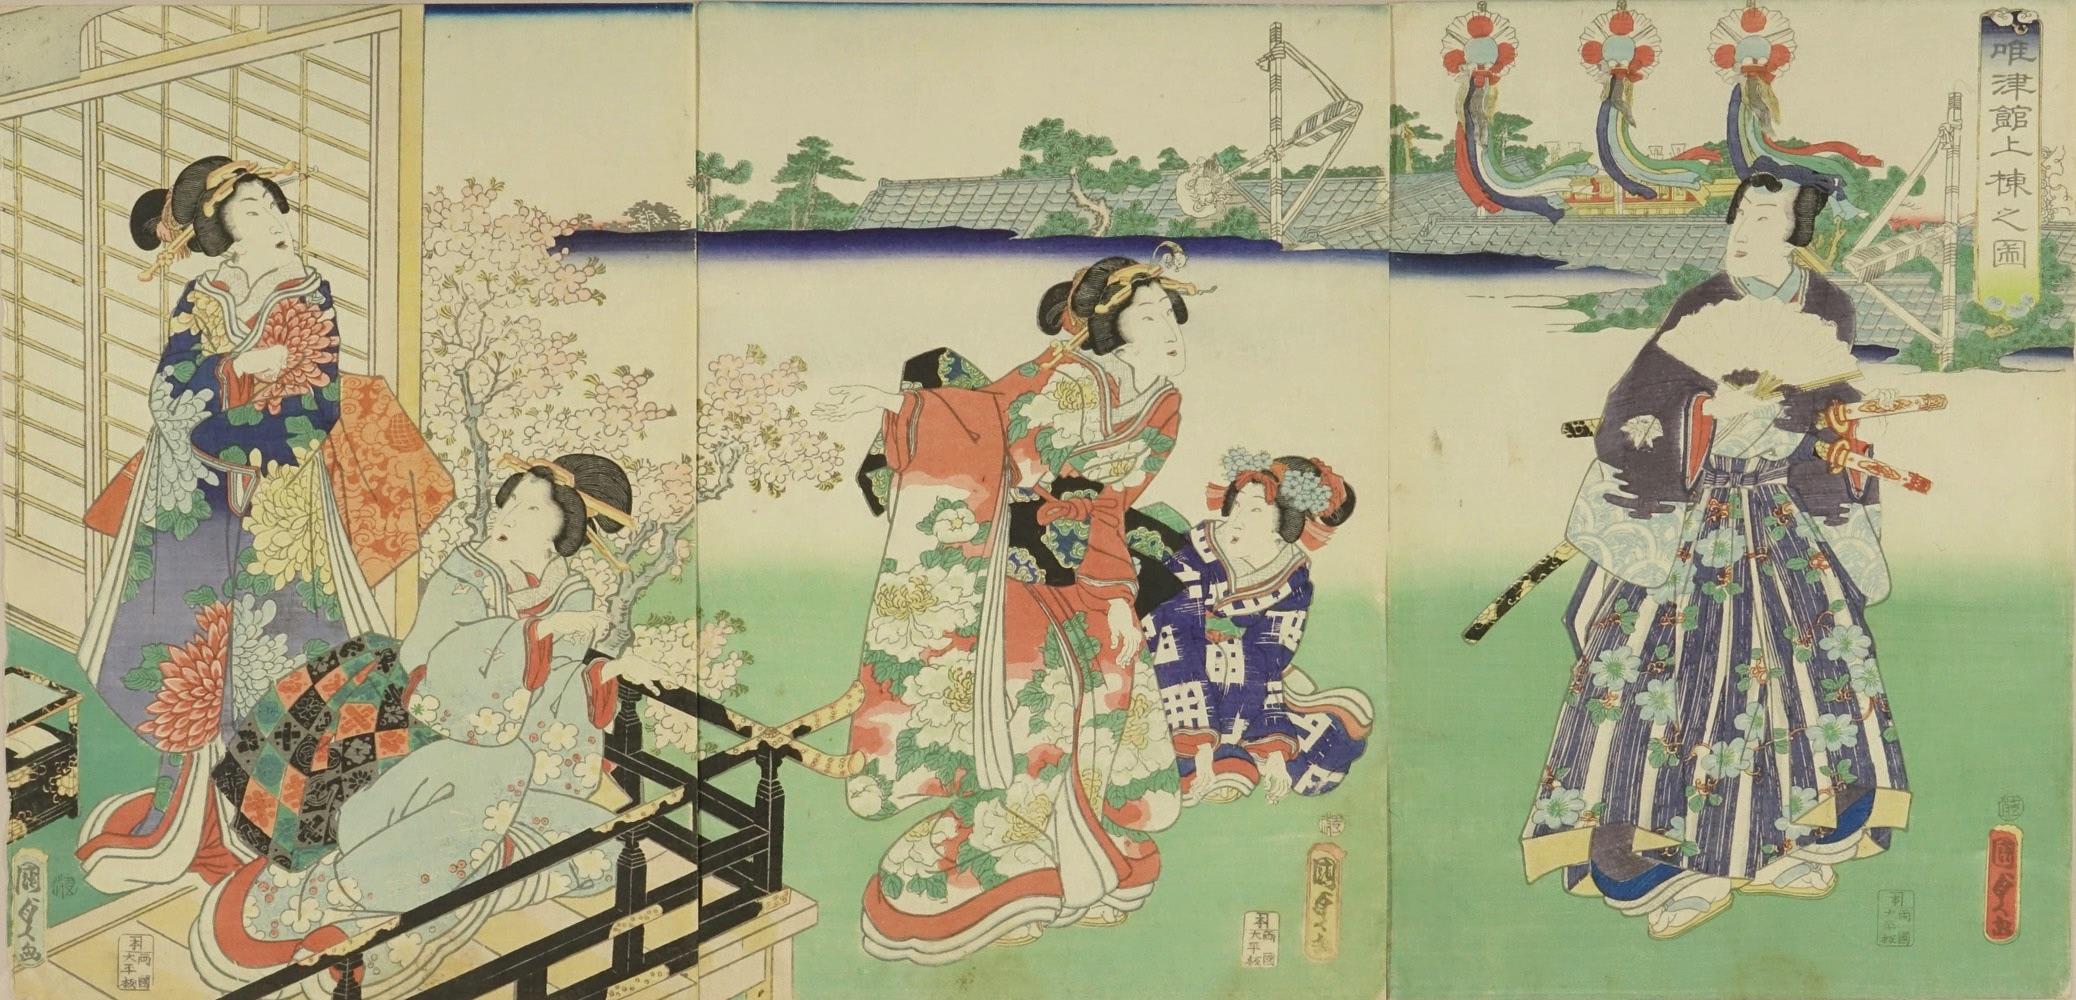 KUNISADA II Genji and beauties viewing raising ceremony of Tadasu Palace, triptych